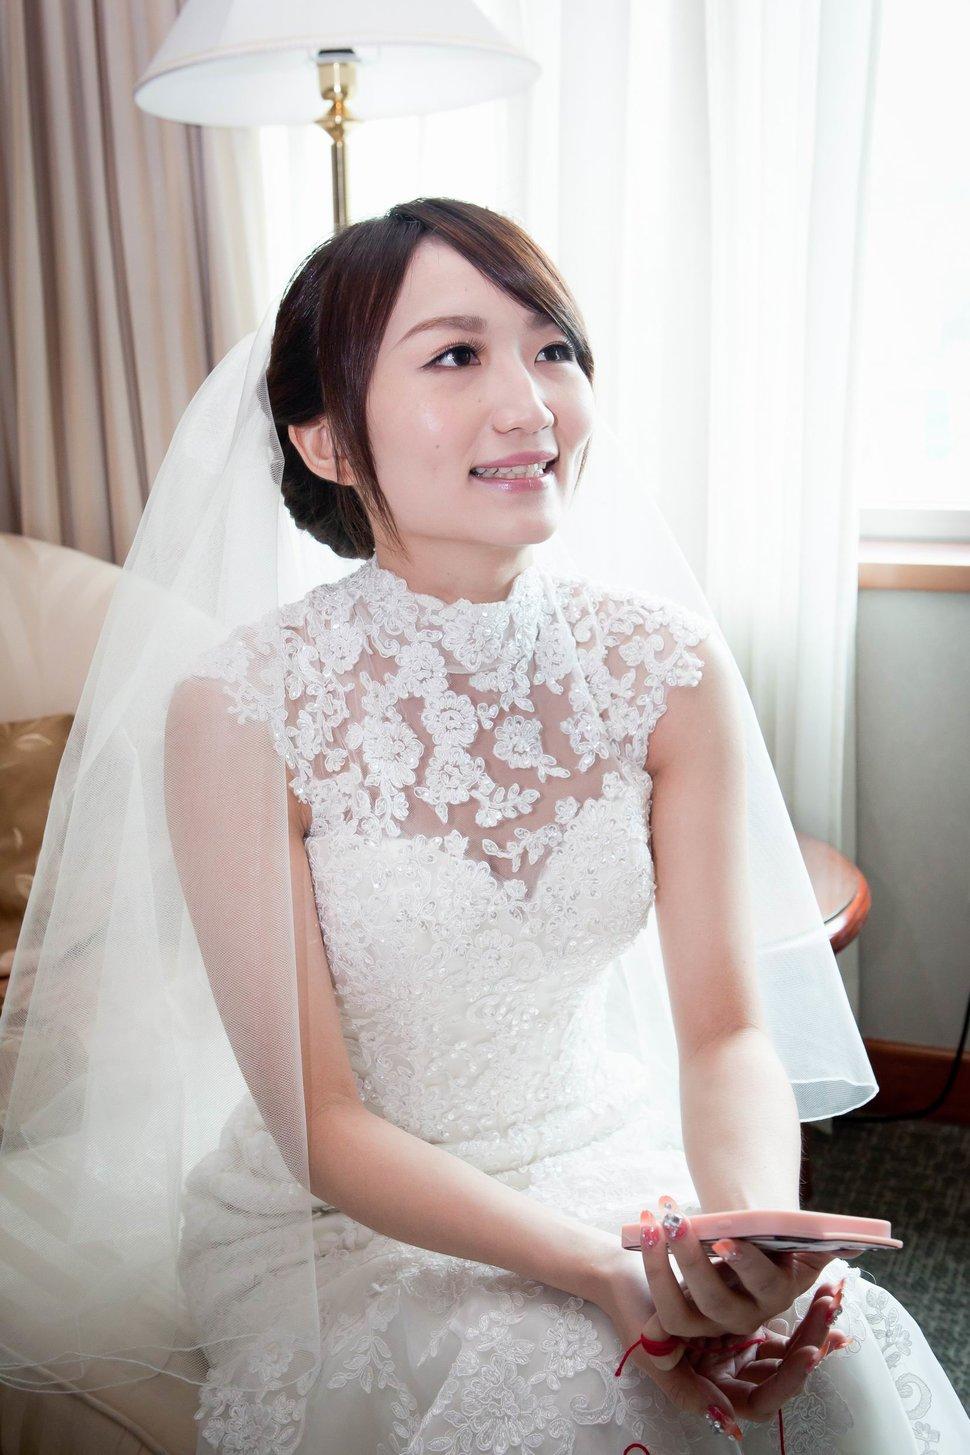 長榮桂冠酒店彭園會館婚禮記錄專業錄影平面攝影(編號:194902) - 蜜月拍照10800錄影12800攝影團隊 - 結婚吧